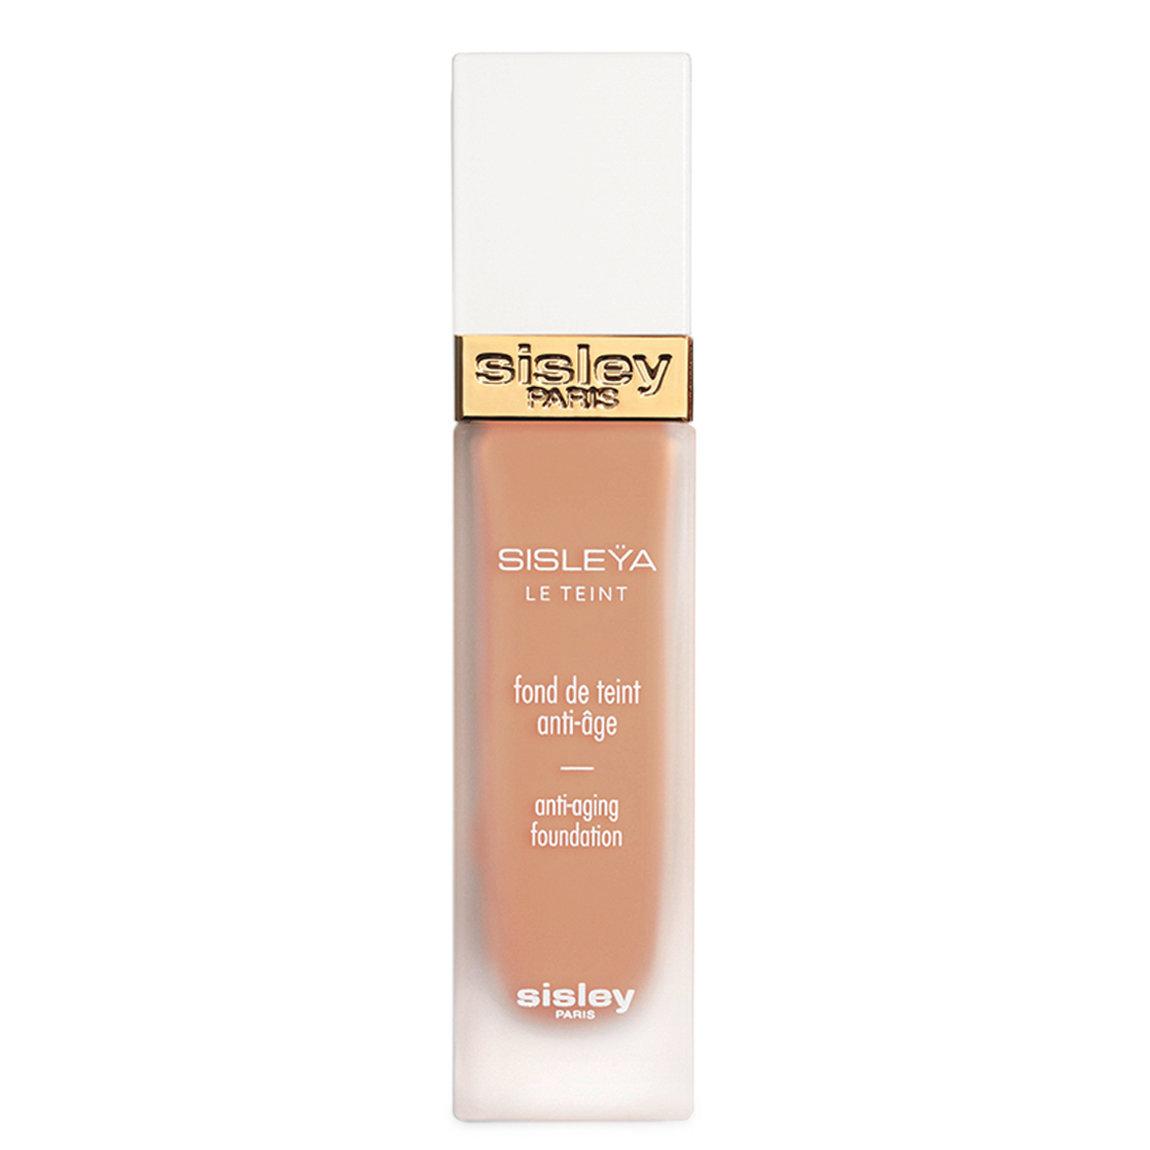 Sisley-Paris Sisleÿa Le Teint 3R+ Peachy Pink